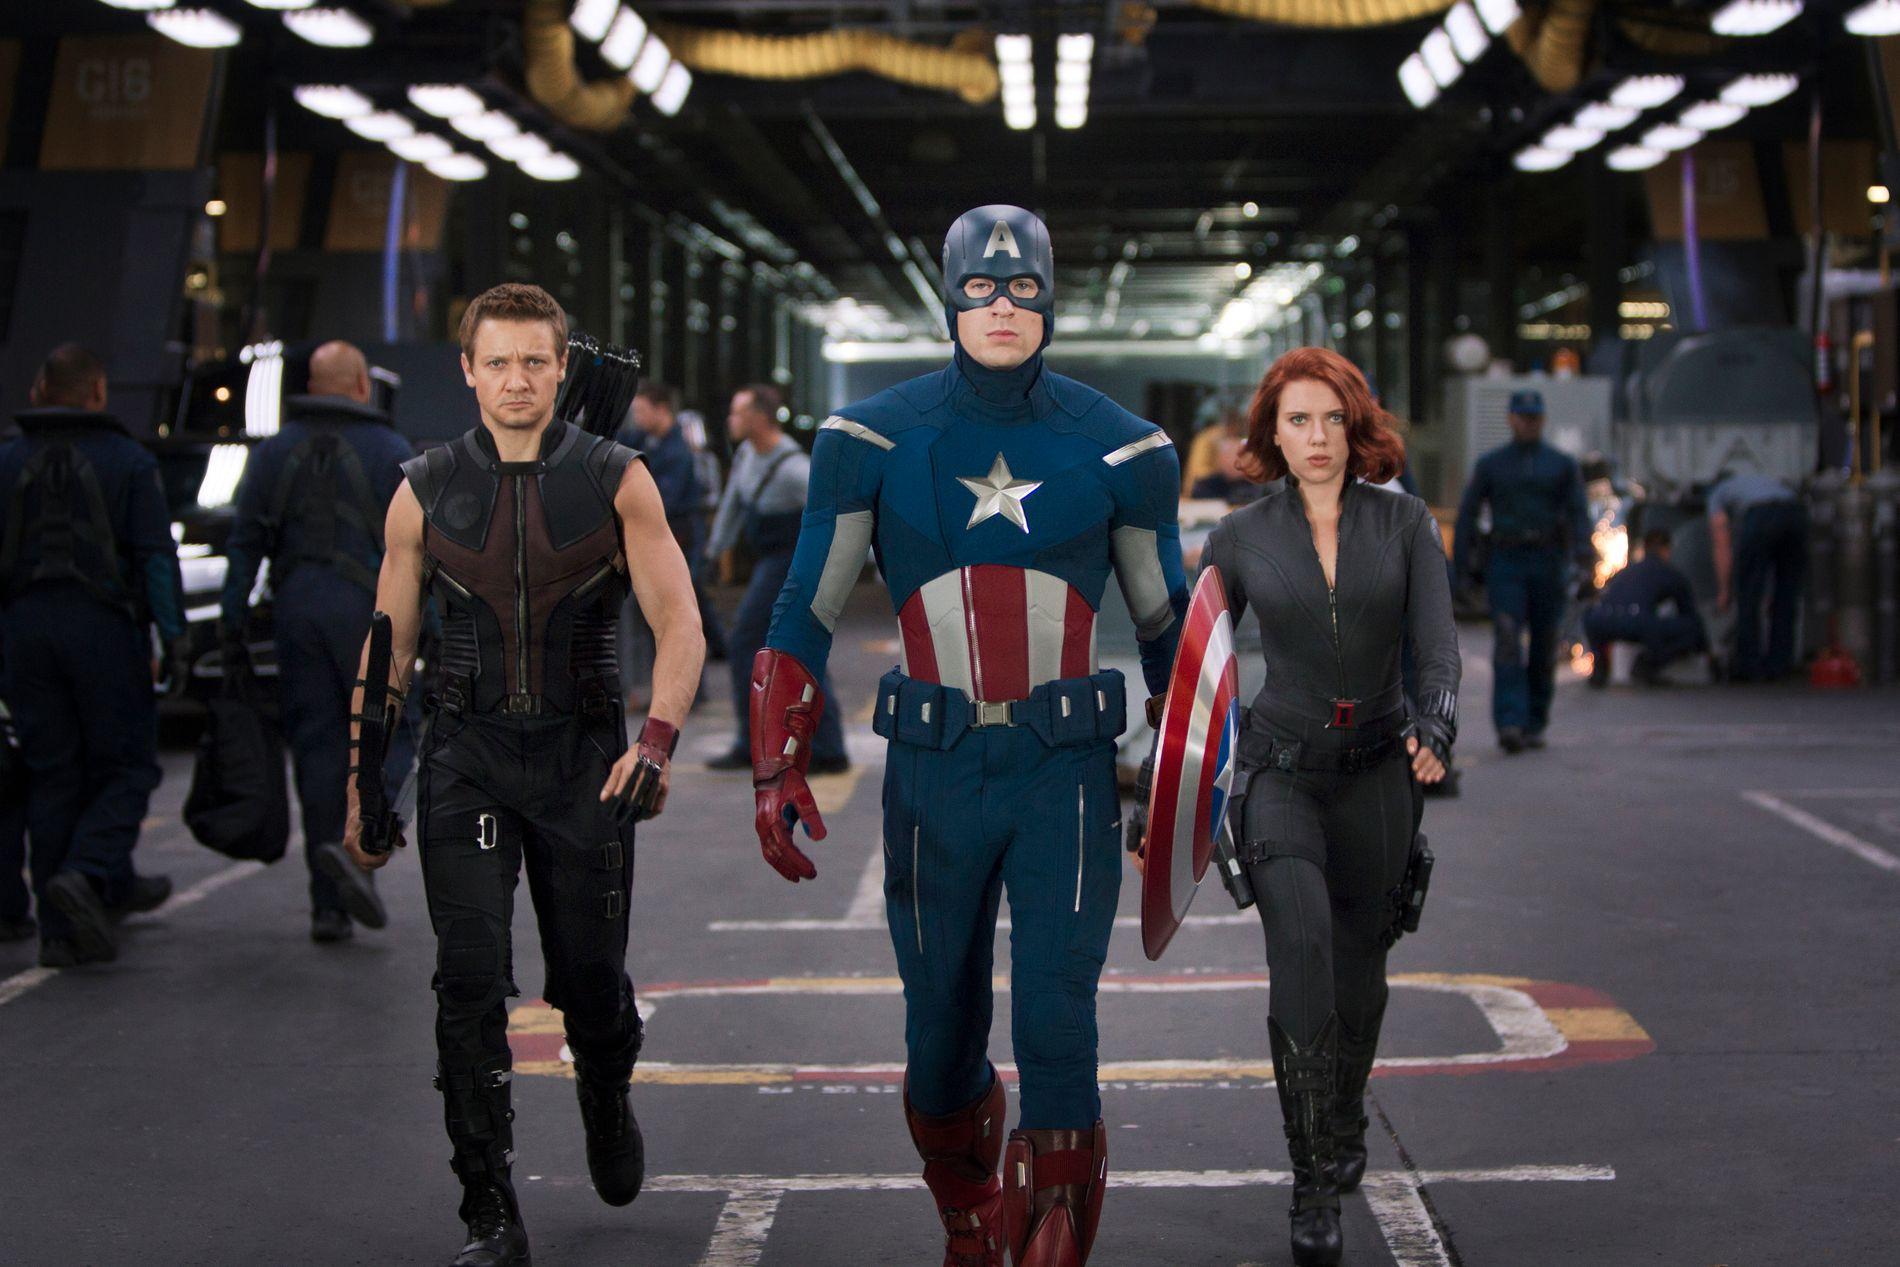 MÅL: Angivelig skal eventyrprinsessen hamle opp som handlingskraftige Avengers. Her Hawkeye, Captain America og Black Widow i «Avengers».